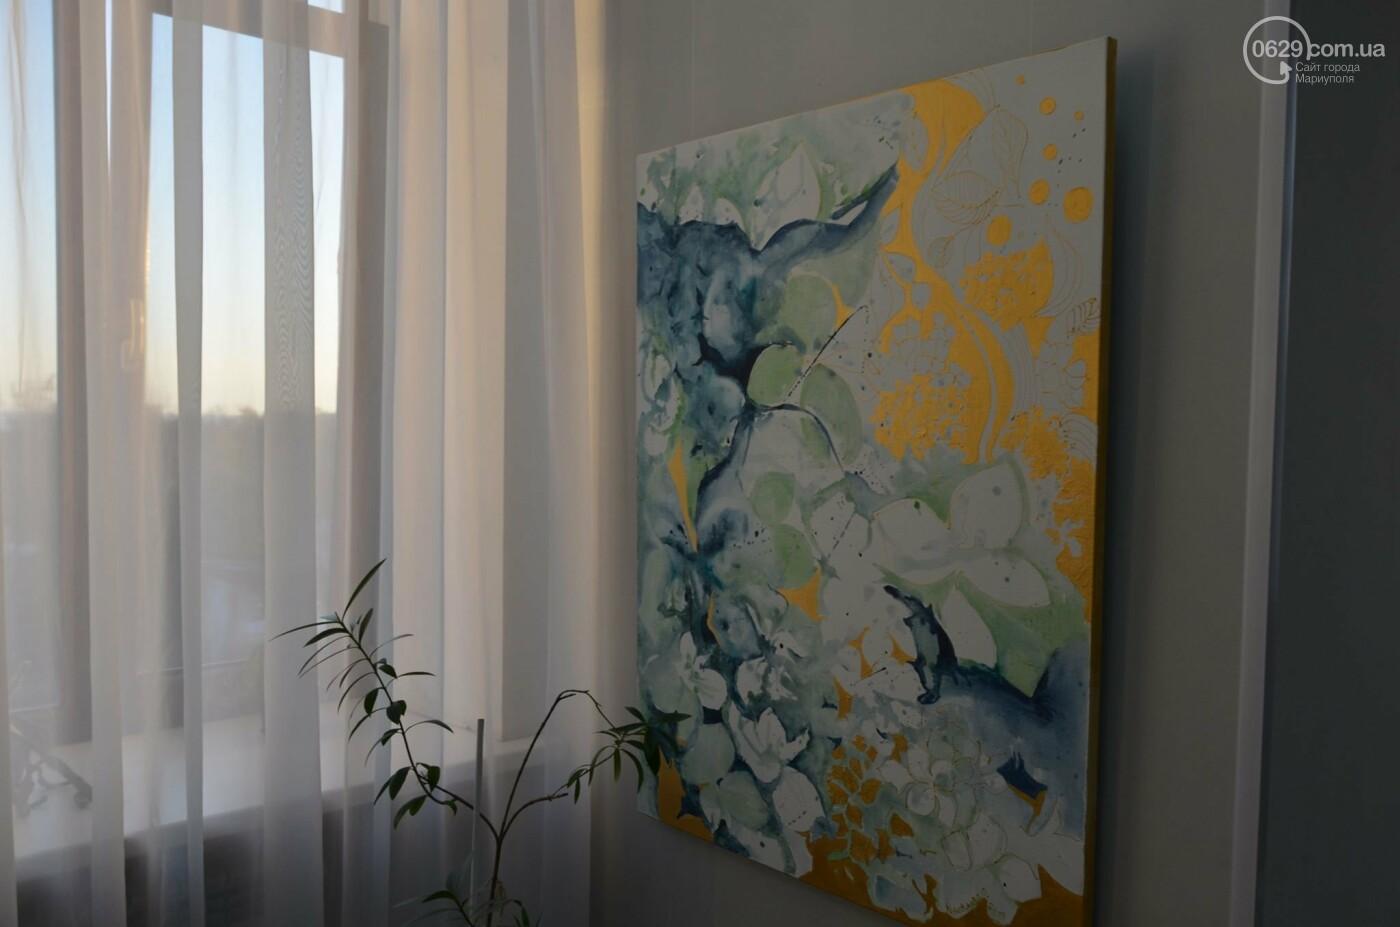 Золото на черном. Мариупольская  художница  Оксана Гнатышин  представила картины в авангардном стиле,-   ФОТО, фото-2